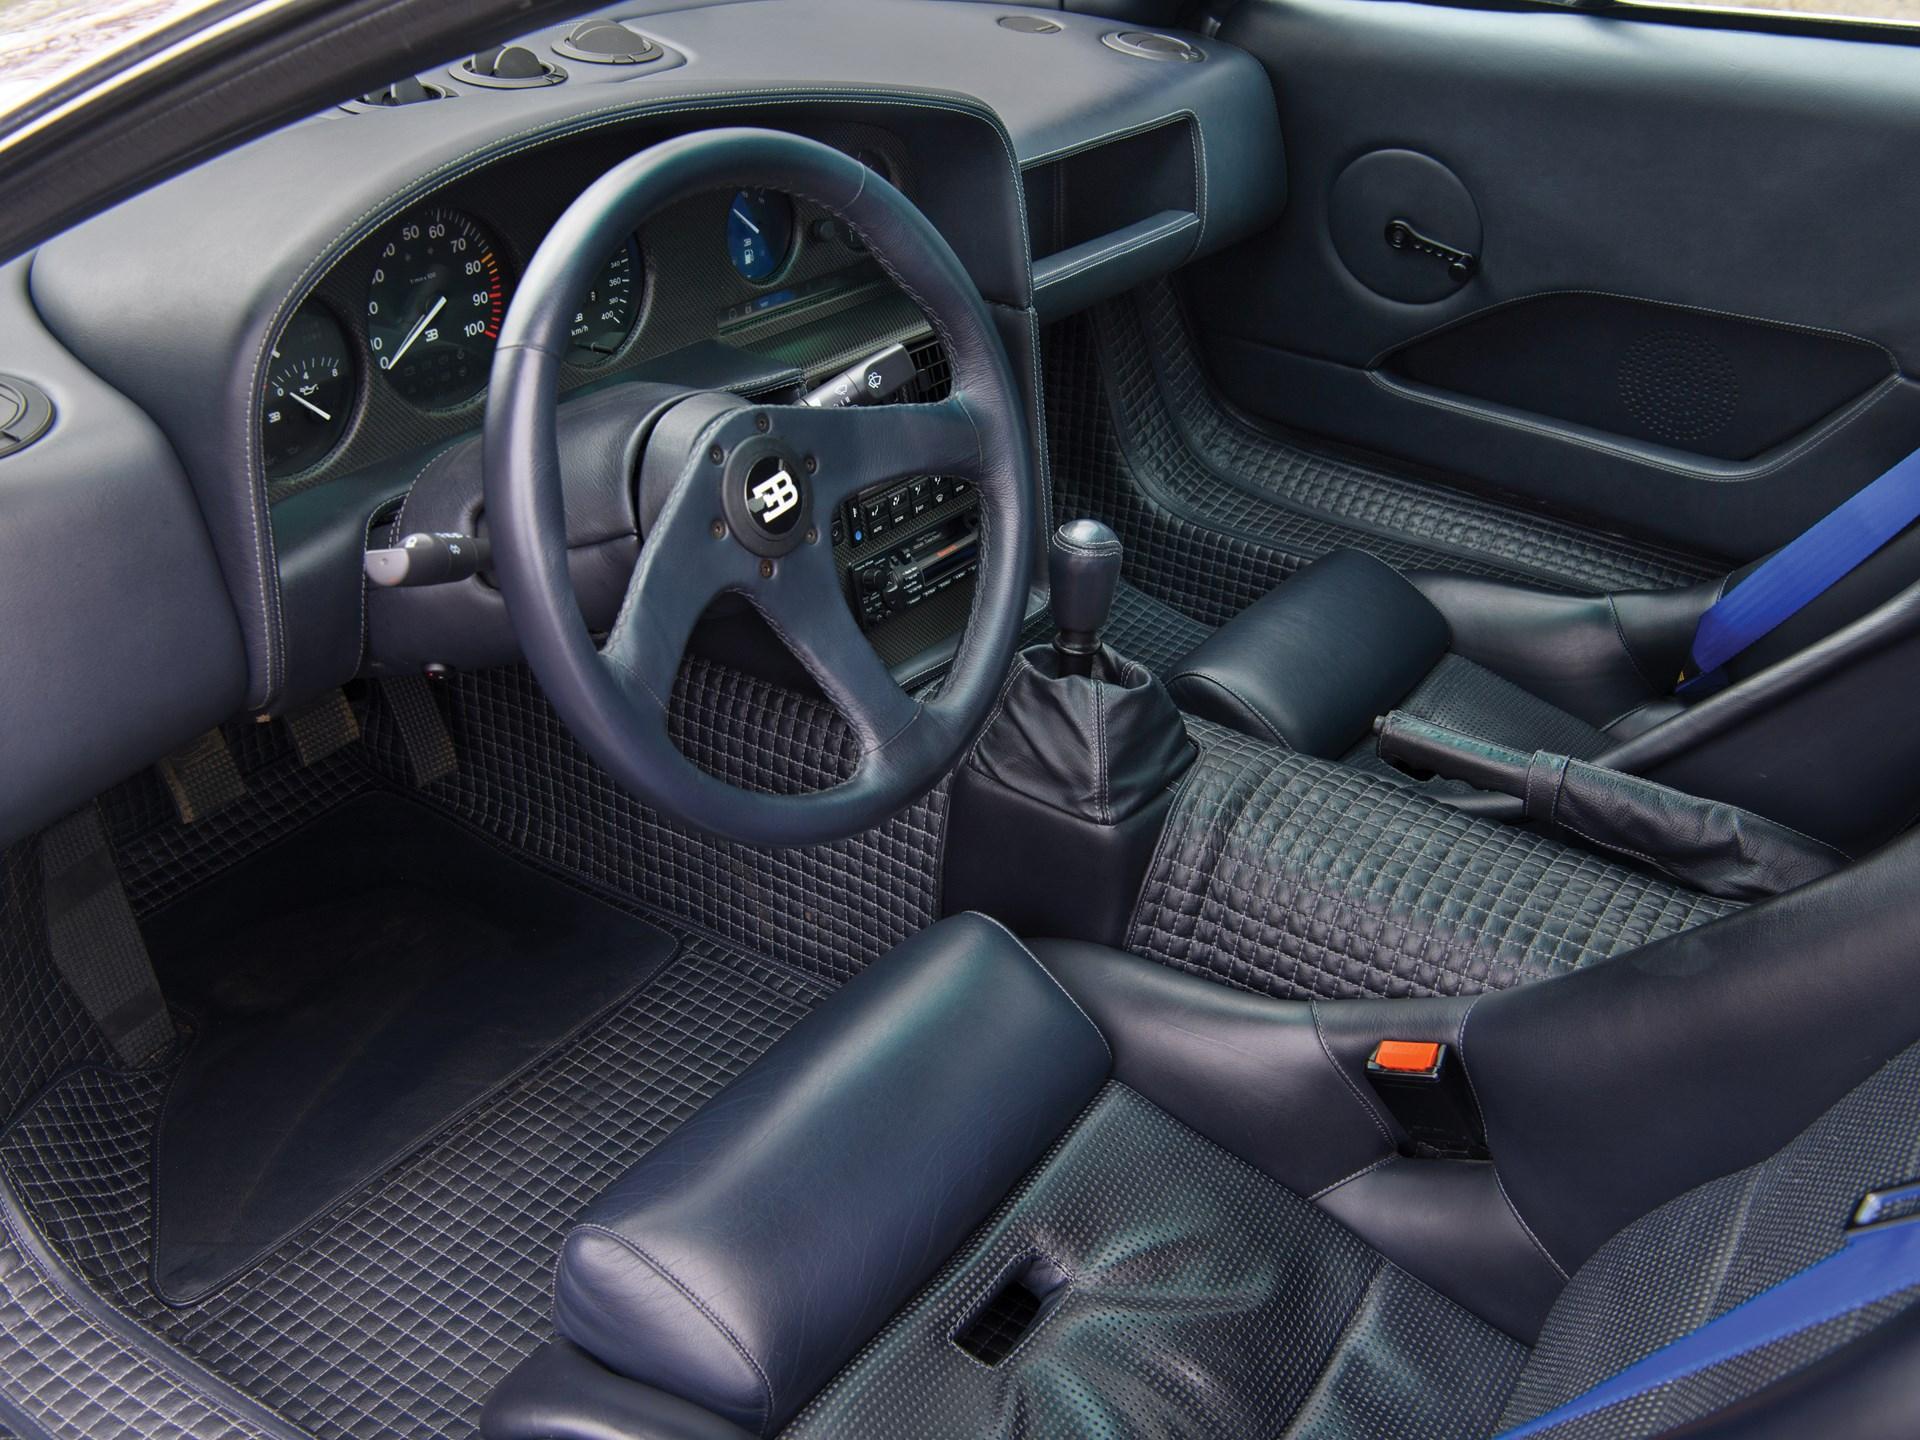 1993 Bugatti EB 110 Super Sport Prototype